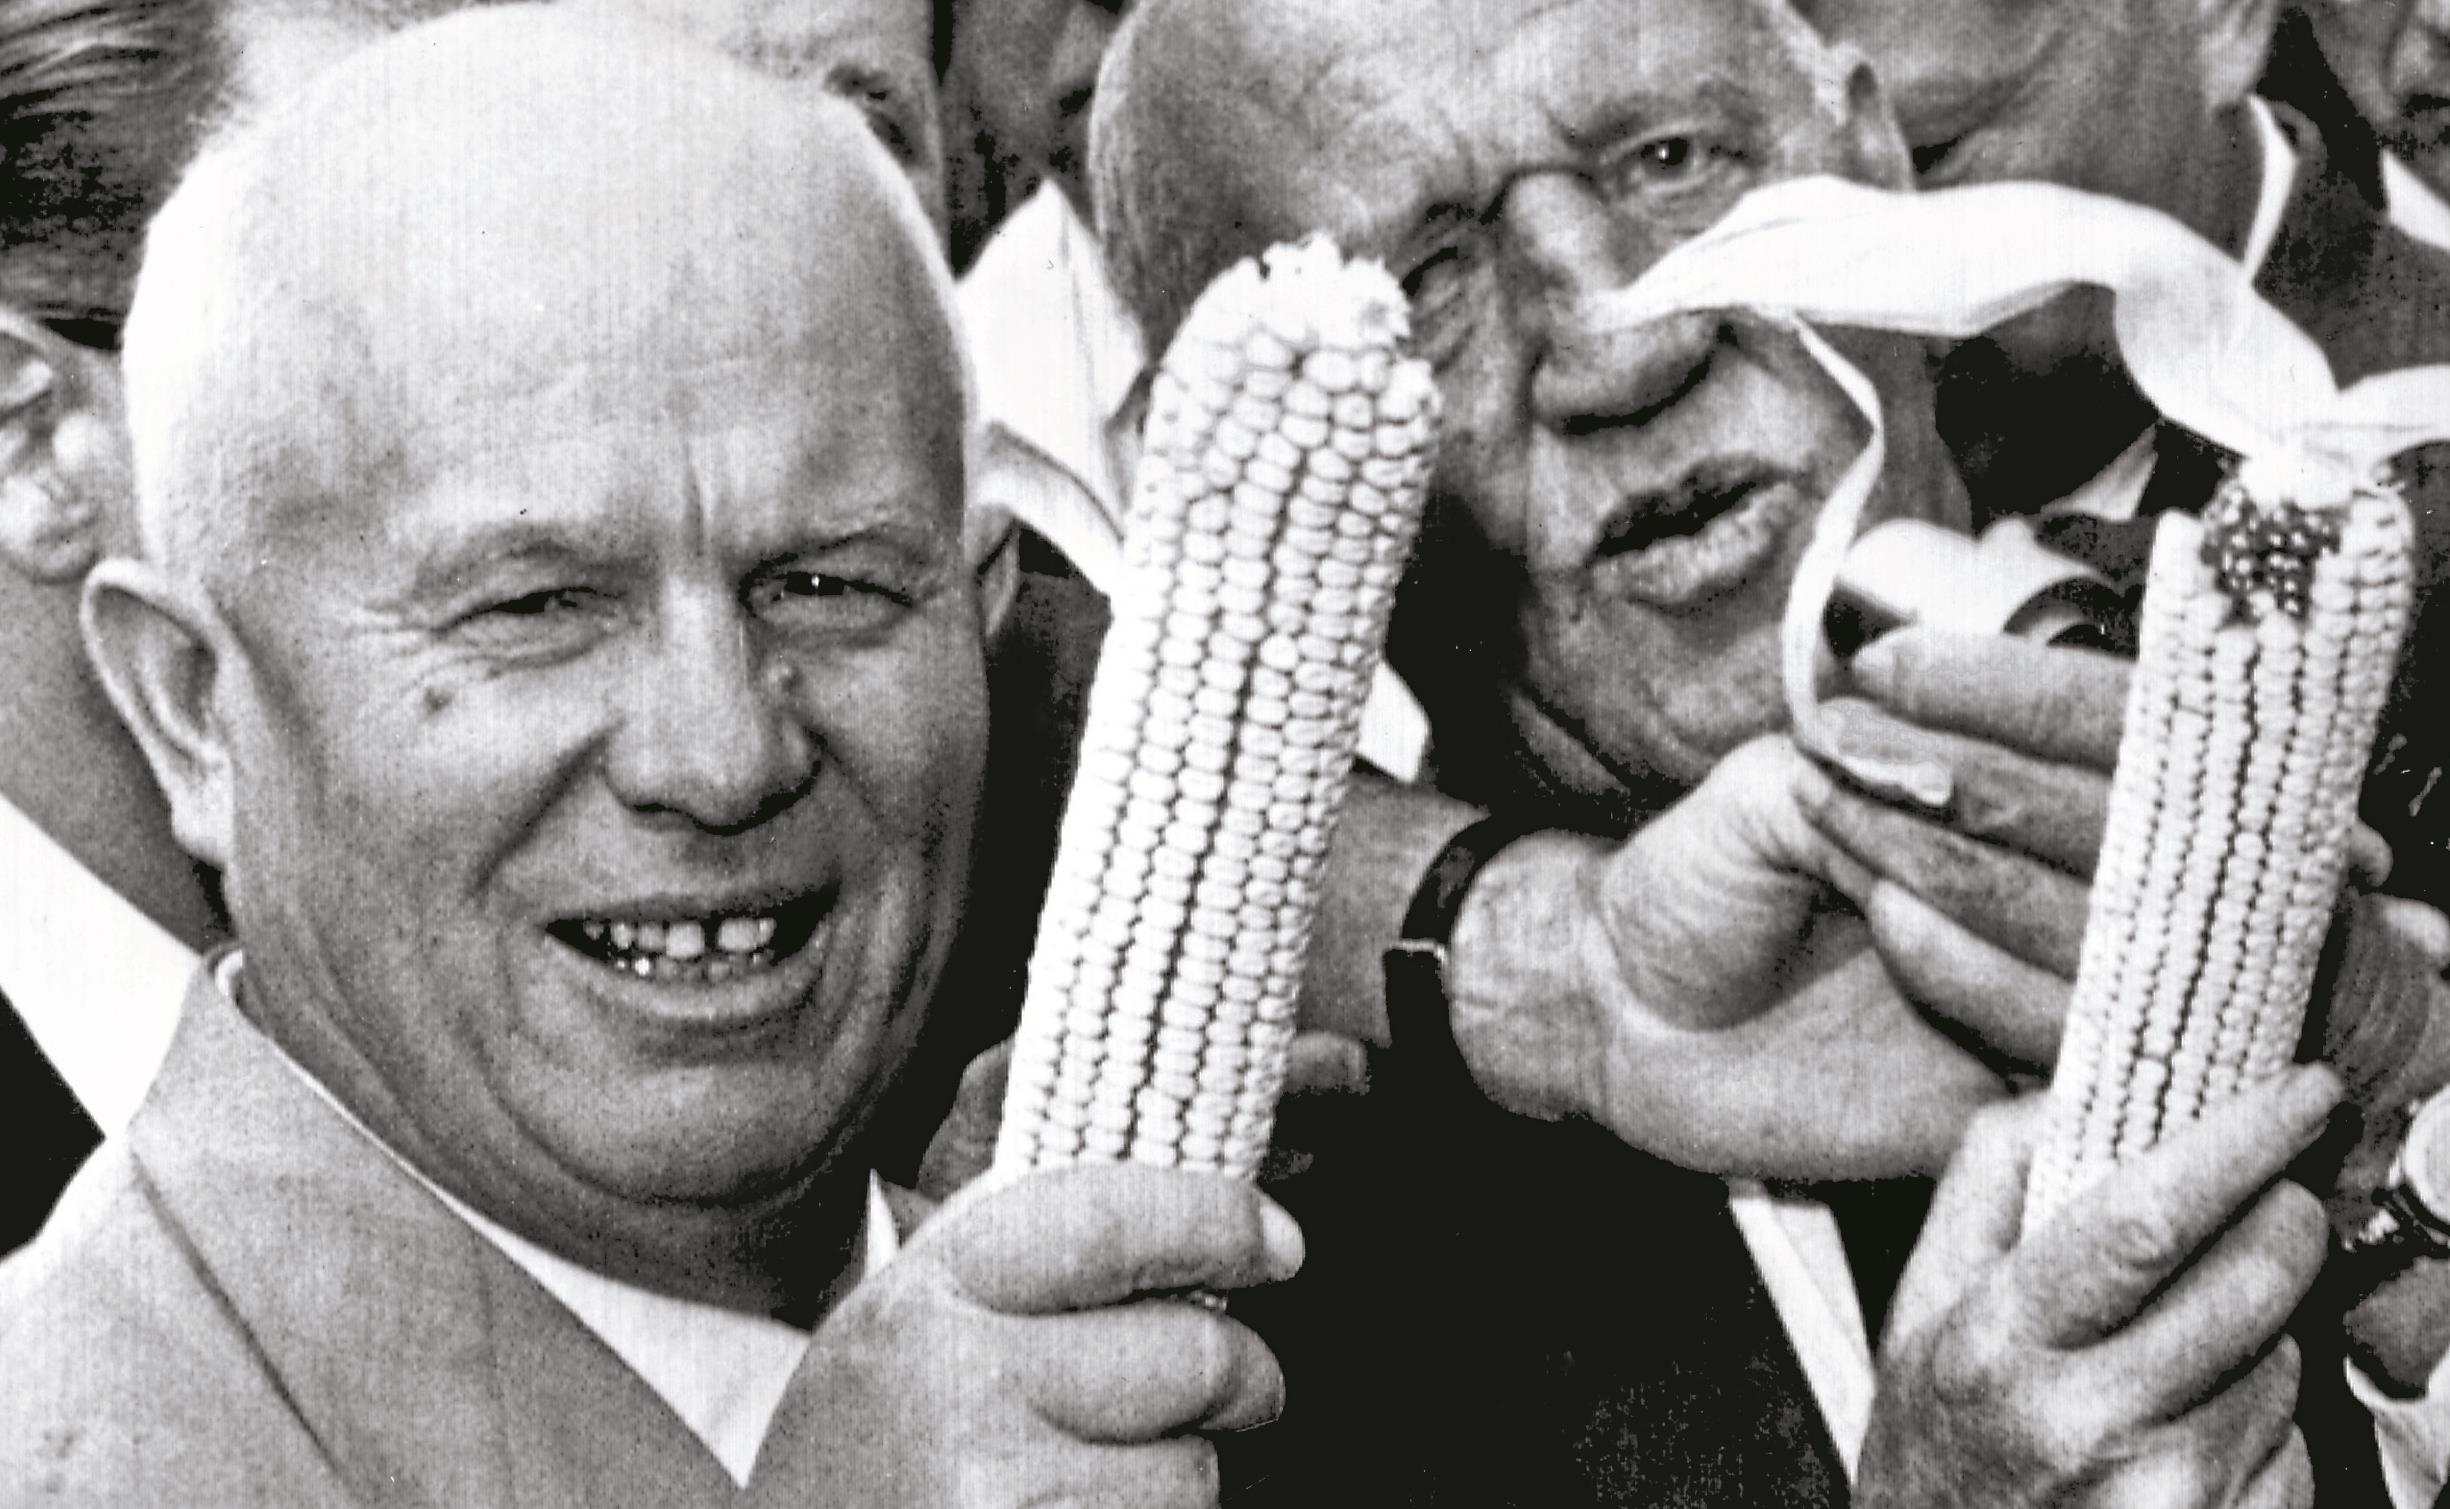 Kukurydza łagodzi obyczaje, czyli o krótkiej przerwie w zimnej wojnie -  Historia - Newsweek.pl